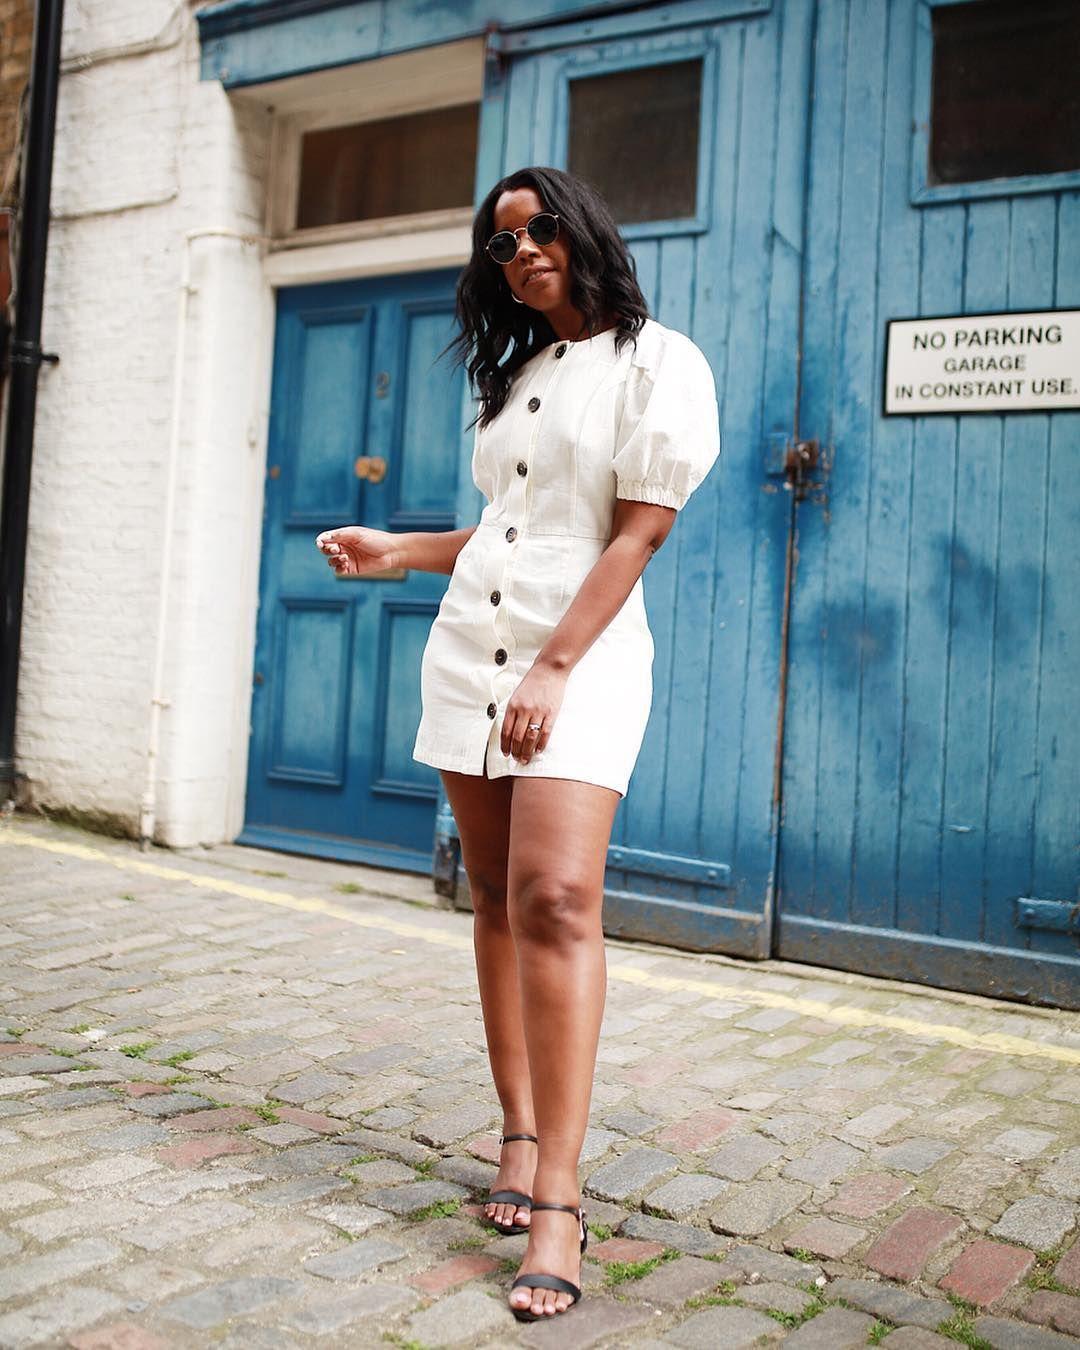 Upgrade Gaya Feminin Pakai Mini Dress untuk Musim Panas